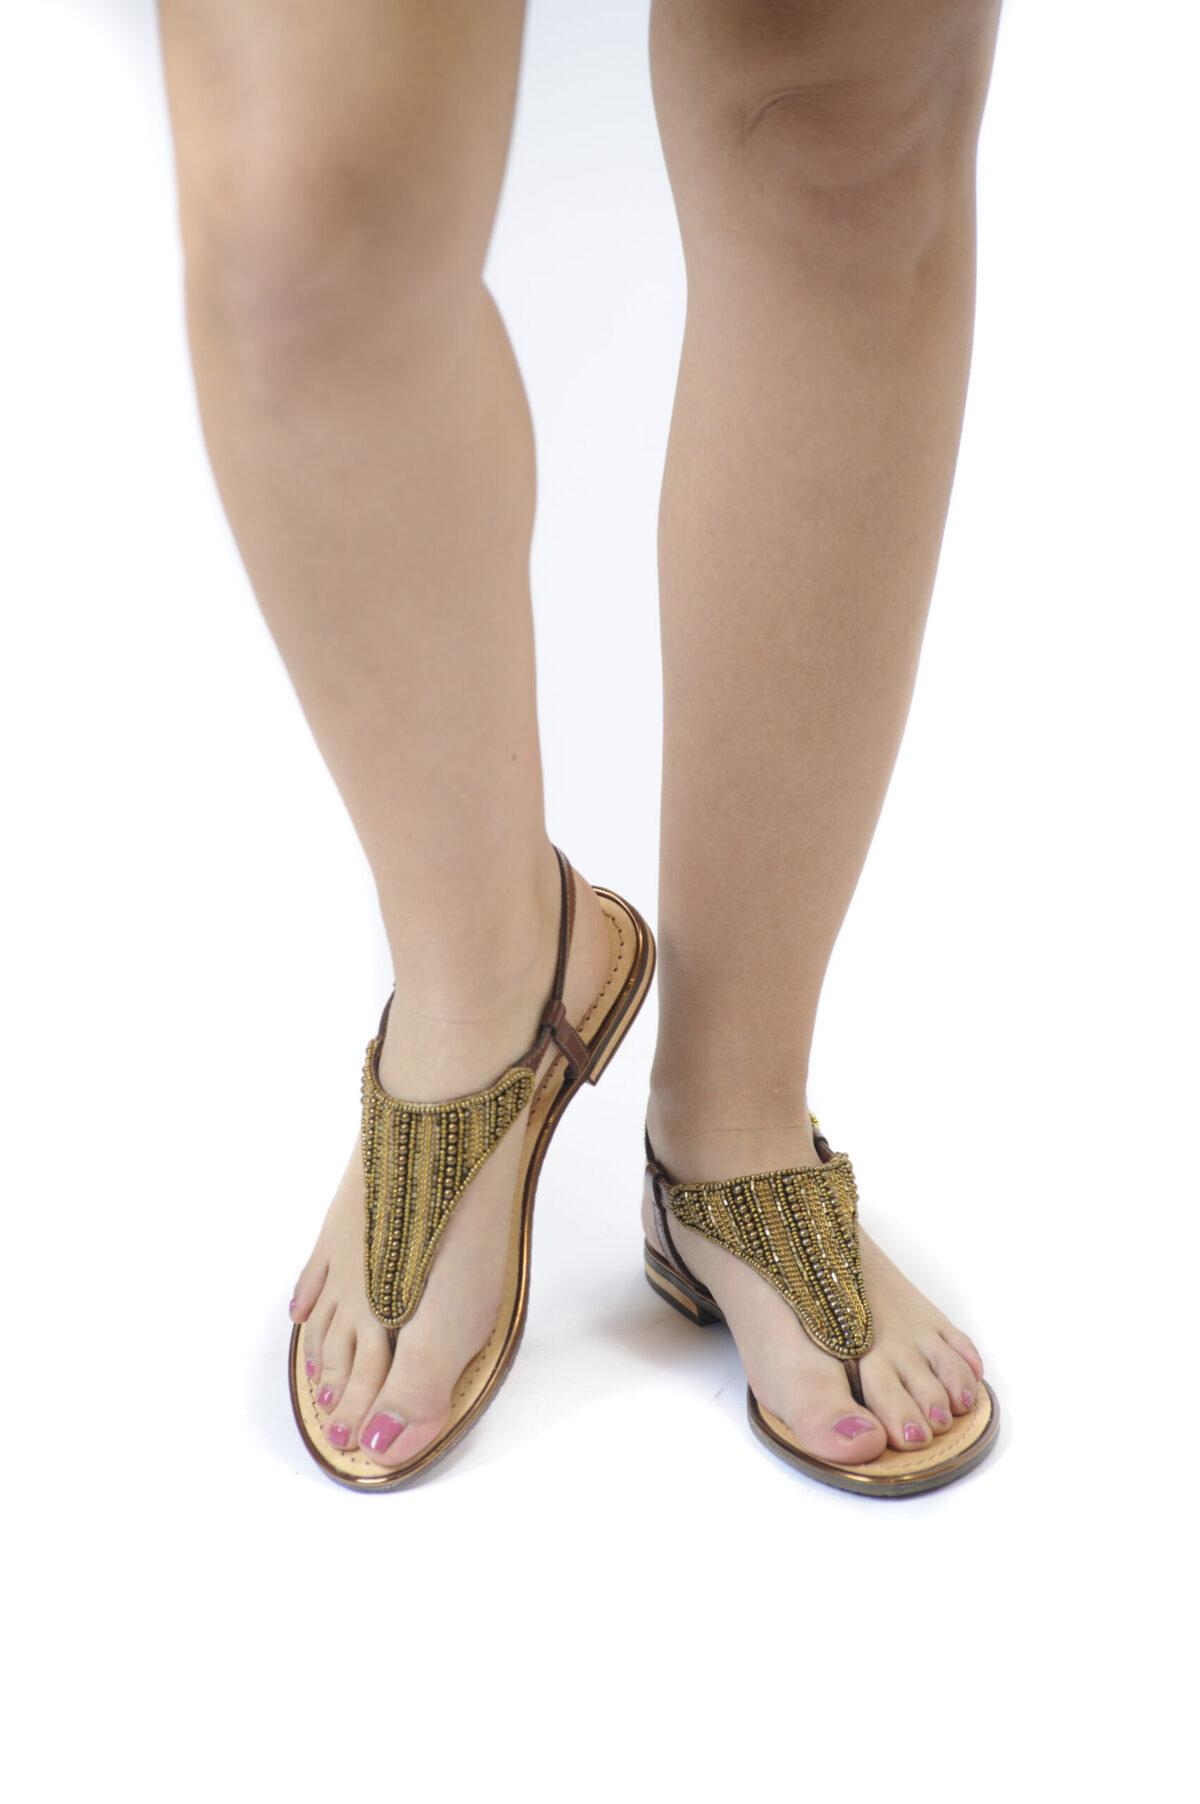 Γυναικεία Παπούτσια Γυναικείο Σανδάλι Διχάλα με Στρας